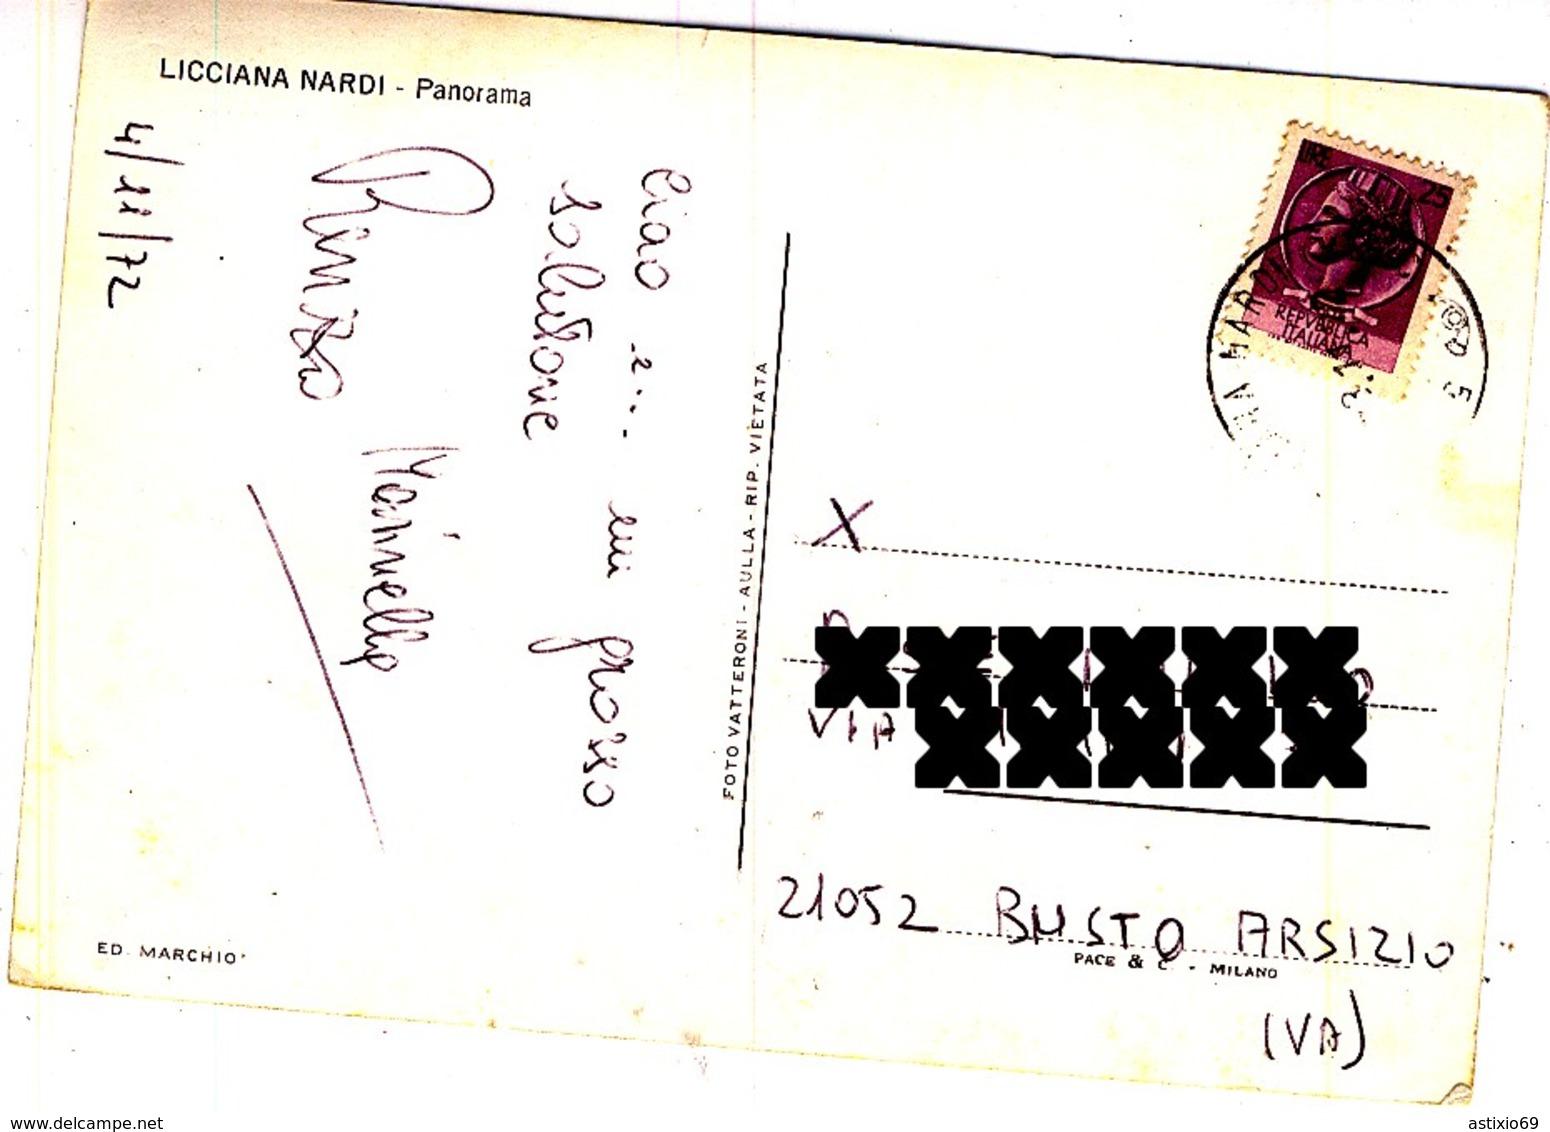 MASSA LICCIANA NARDI PANORAMA - Massa